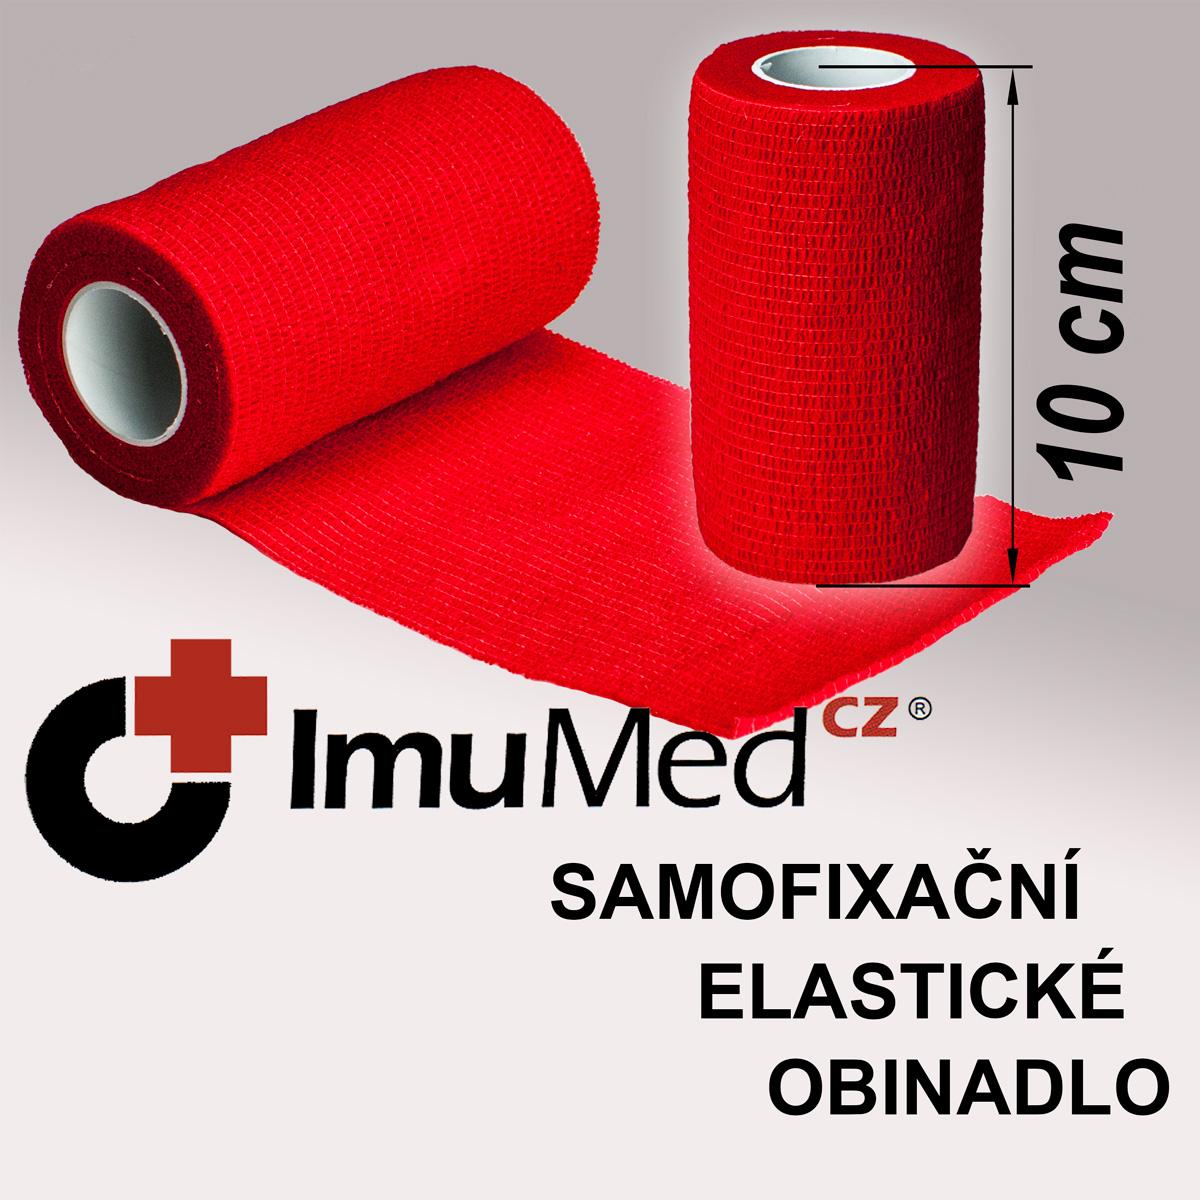 ImuMedCZ samofixační elastické obinadlo 10 cm x 4,5 m ČERVENÁ barva ImuMedCZ samodržící elastické obinadlo 10 cm x 4,5 m ČERVENÁ barva